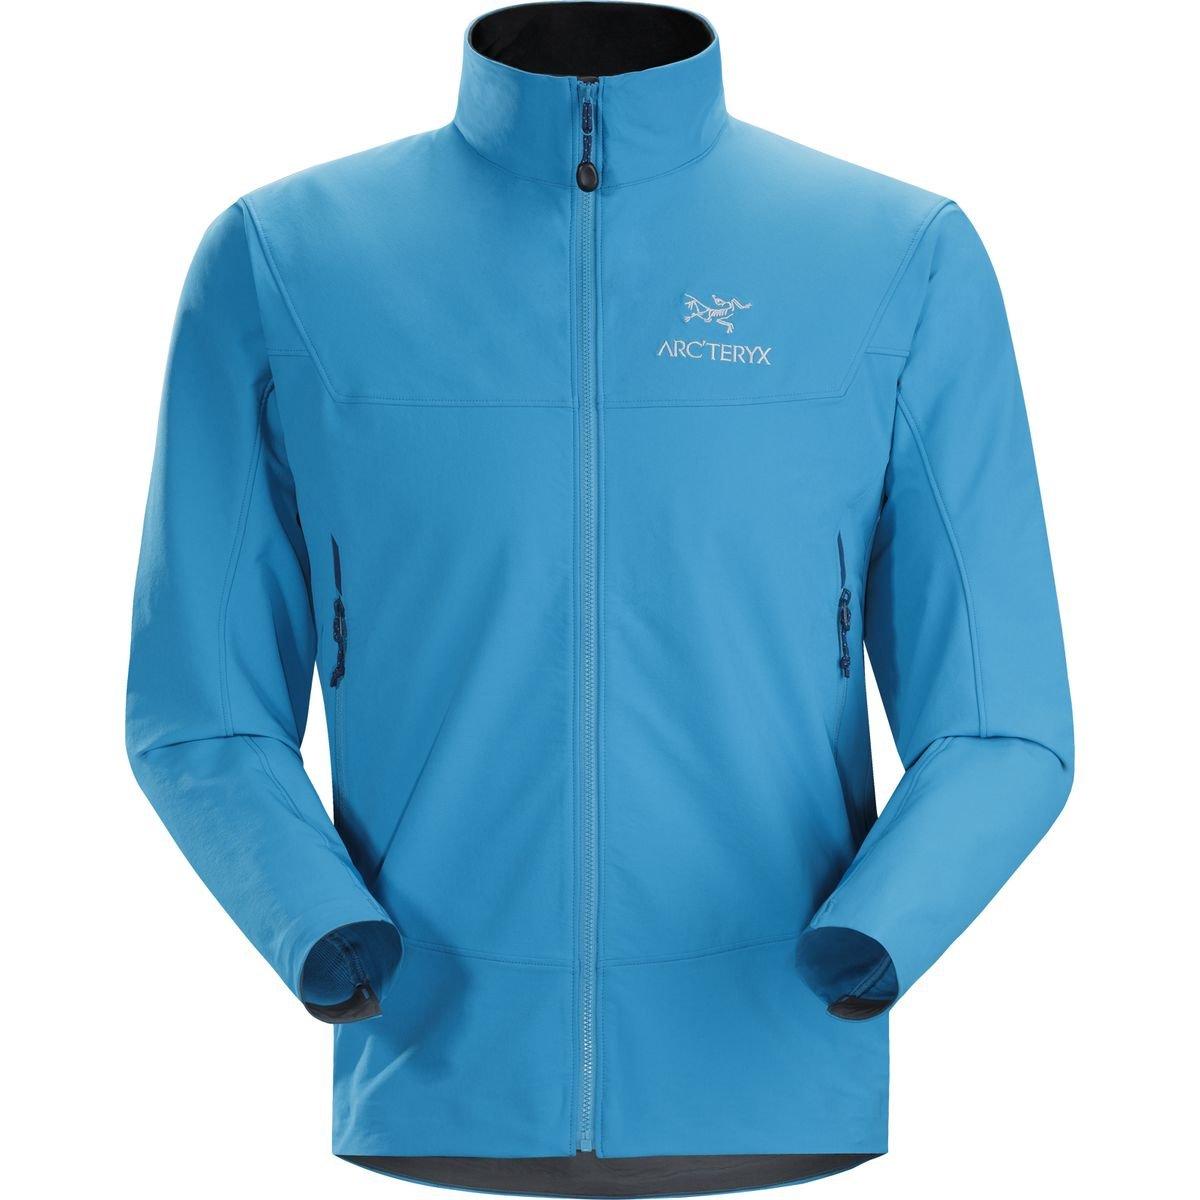 ARCTERYX(アークテリクス) ガンマLTジャケット男性用 17308 B00YWNQW9Y X-Large|Adriatic Blue Adriatic Blue X-Large